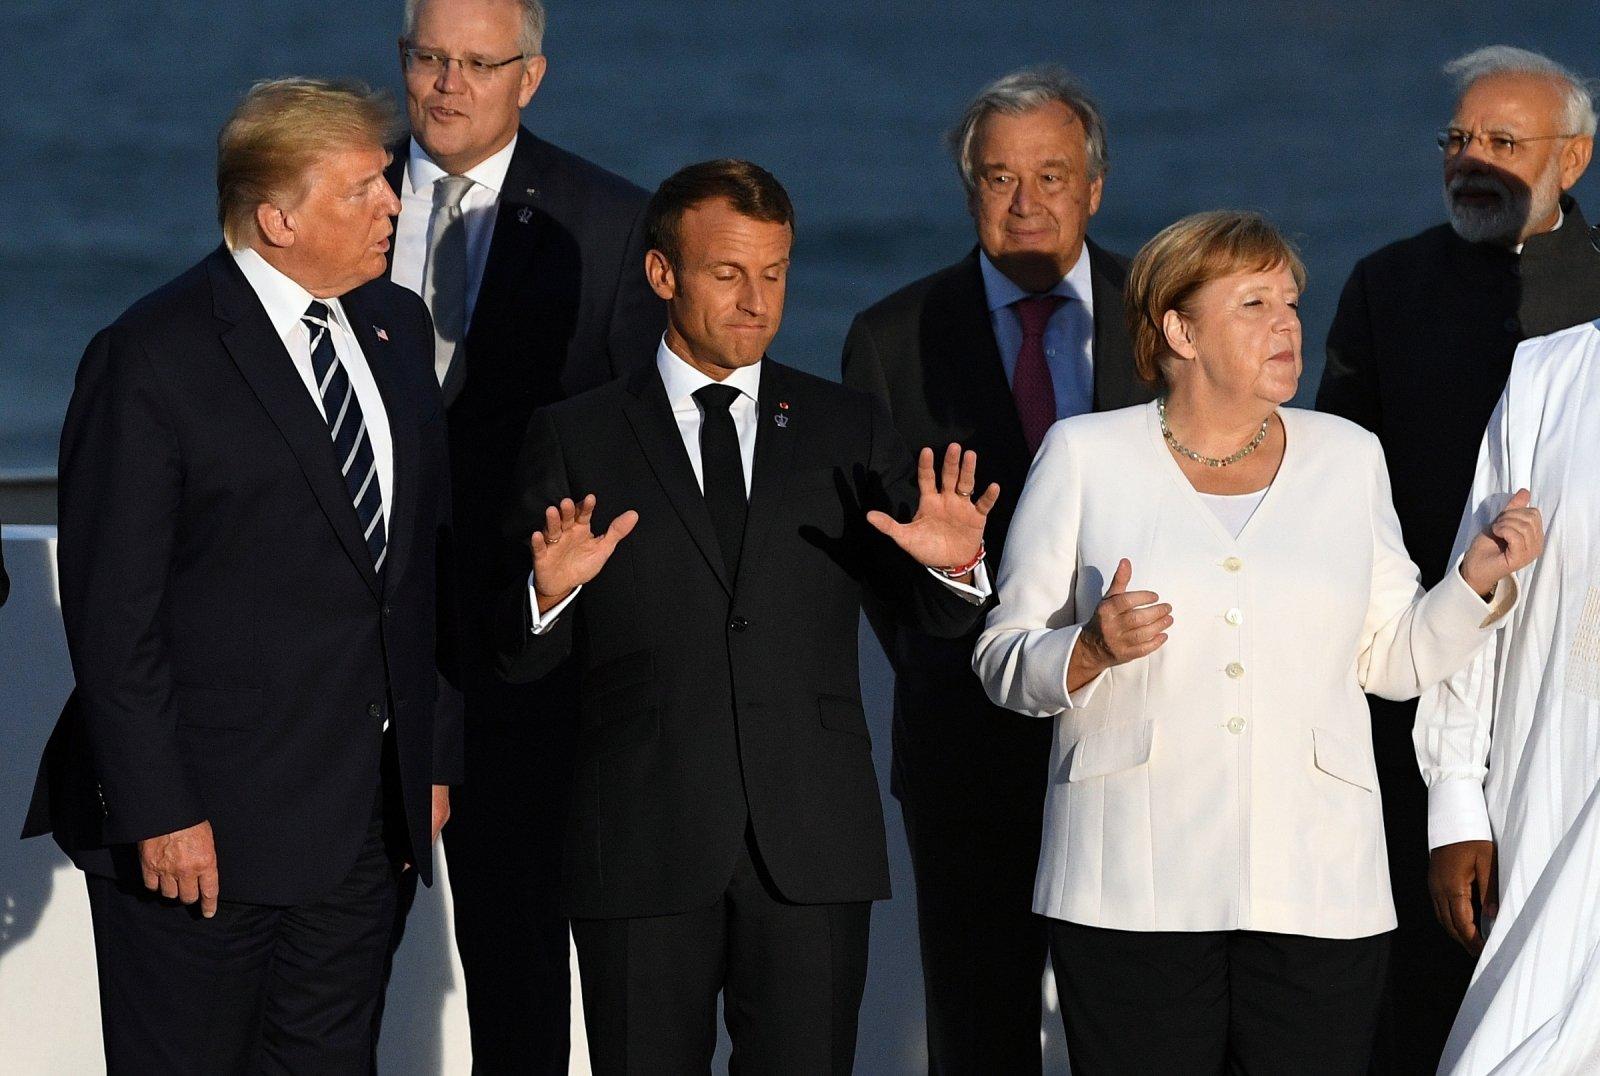 вас коллективное фото лидеров на саммите в перу при входе